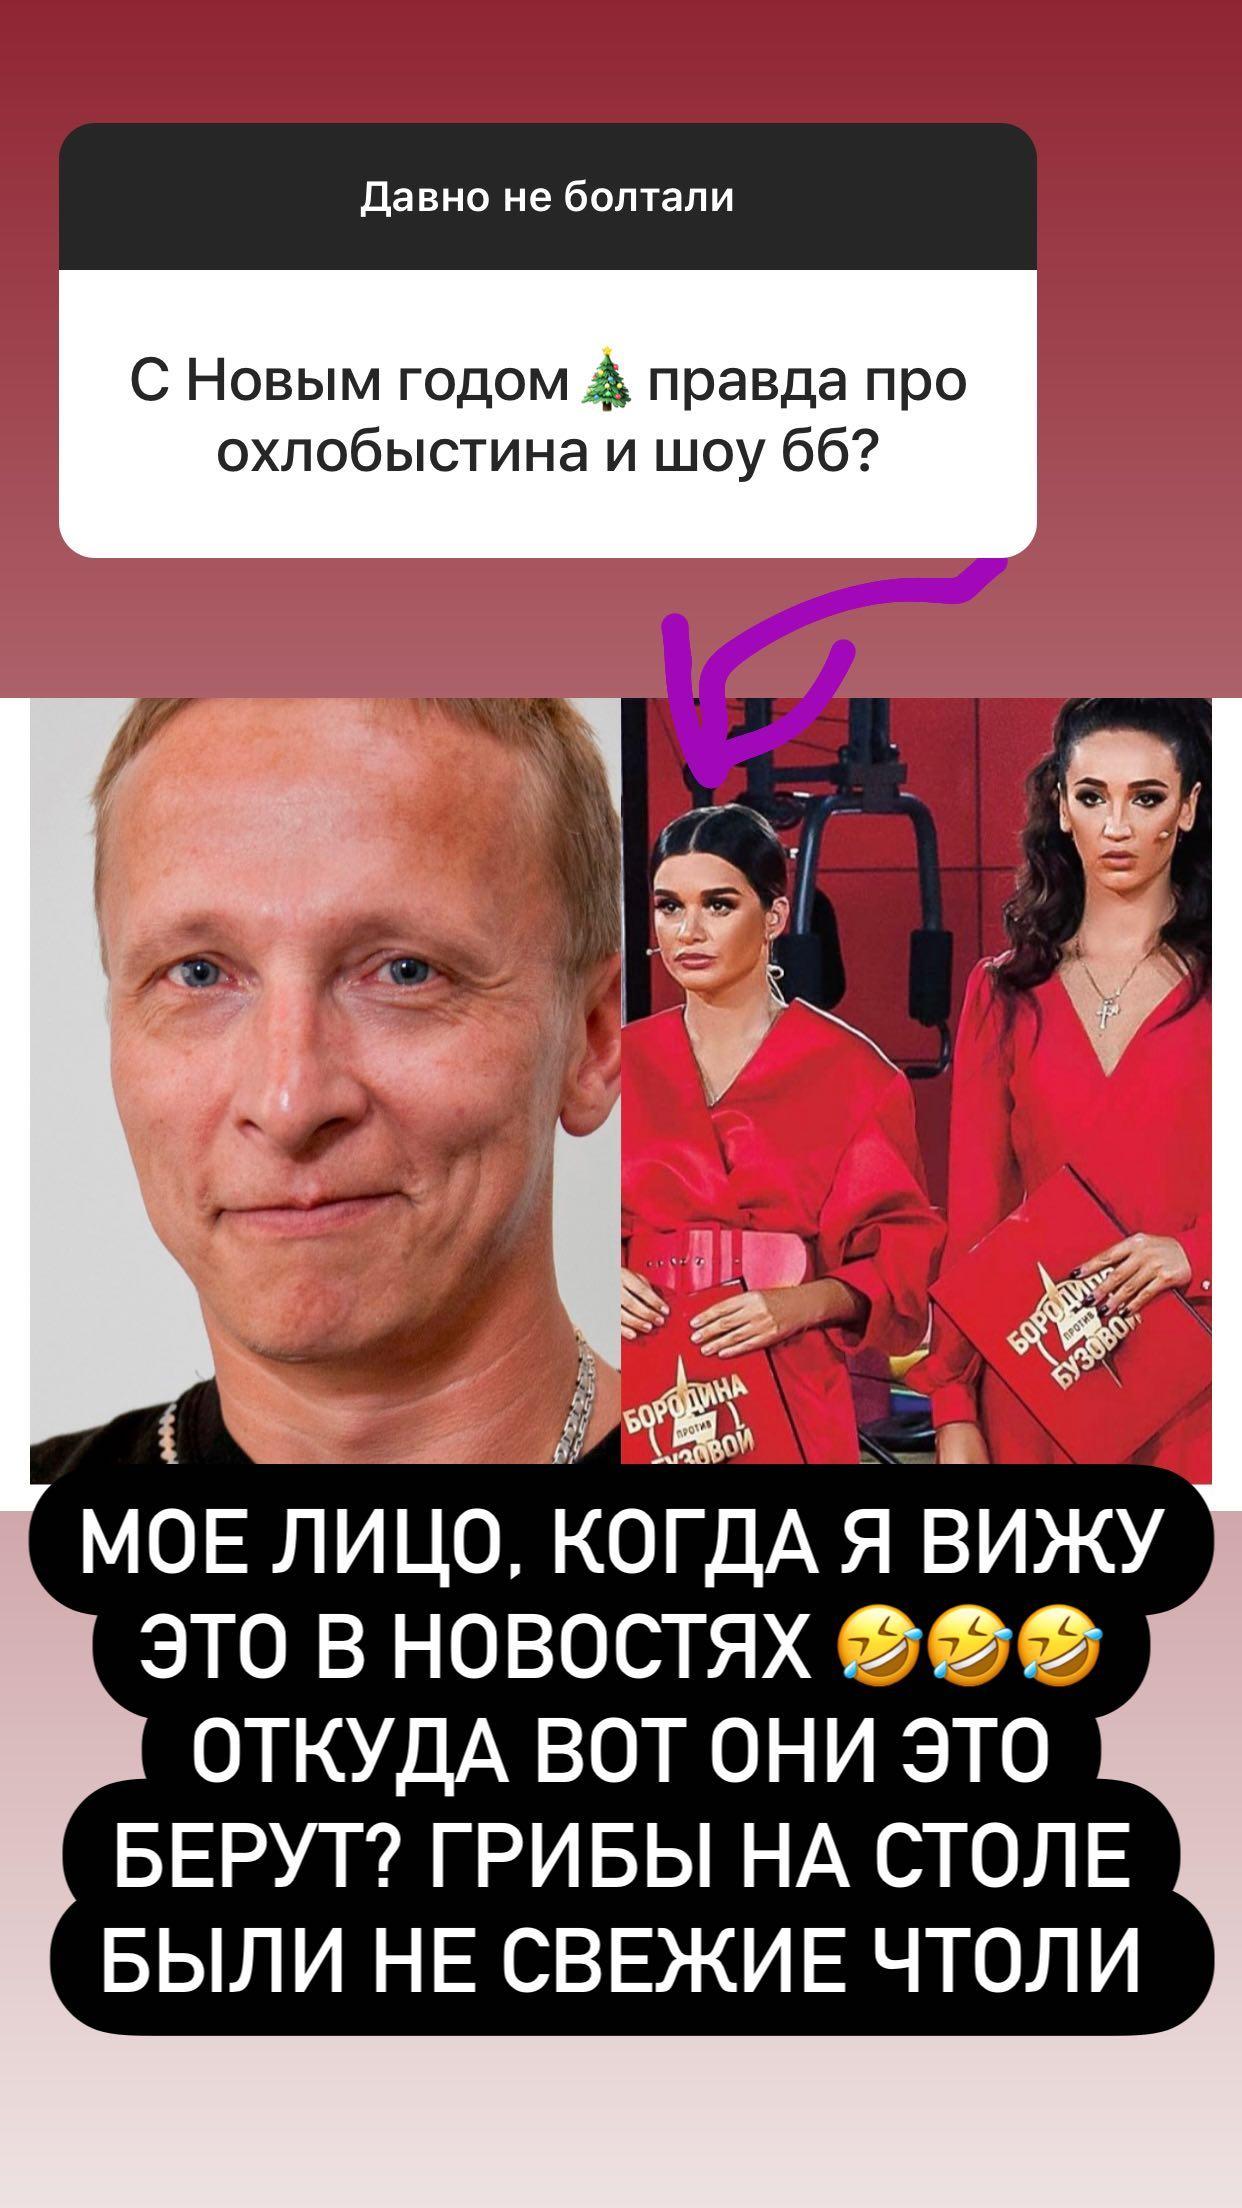 Ксения Бородина высказалась о своем новом боссе Иване Охлобыстине